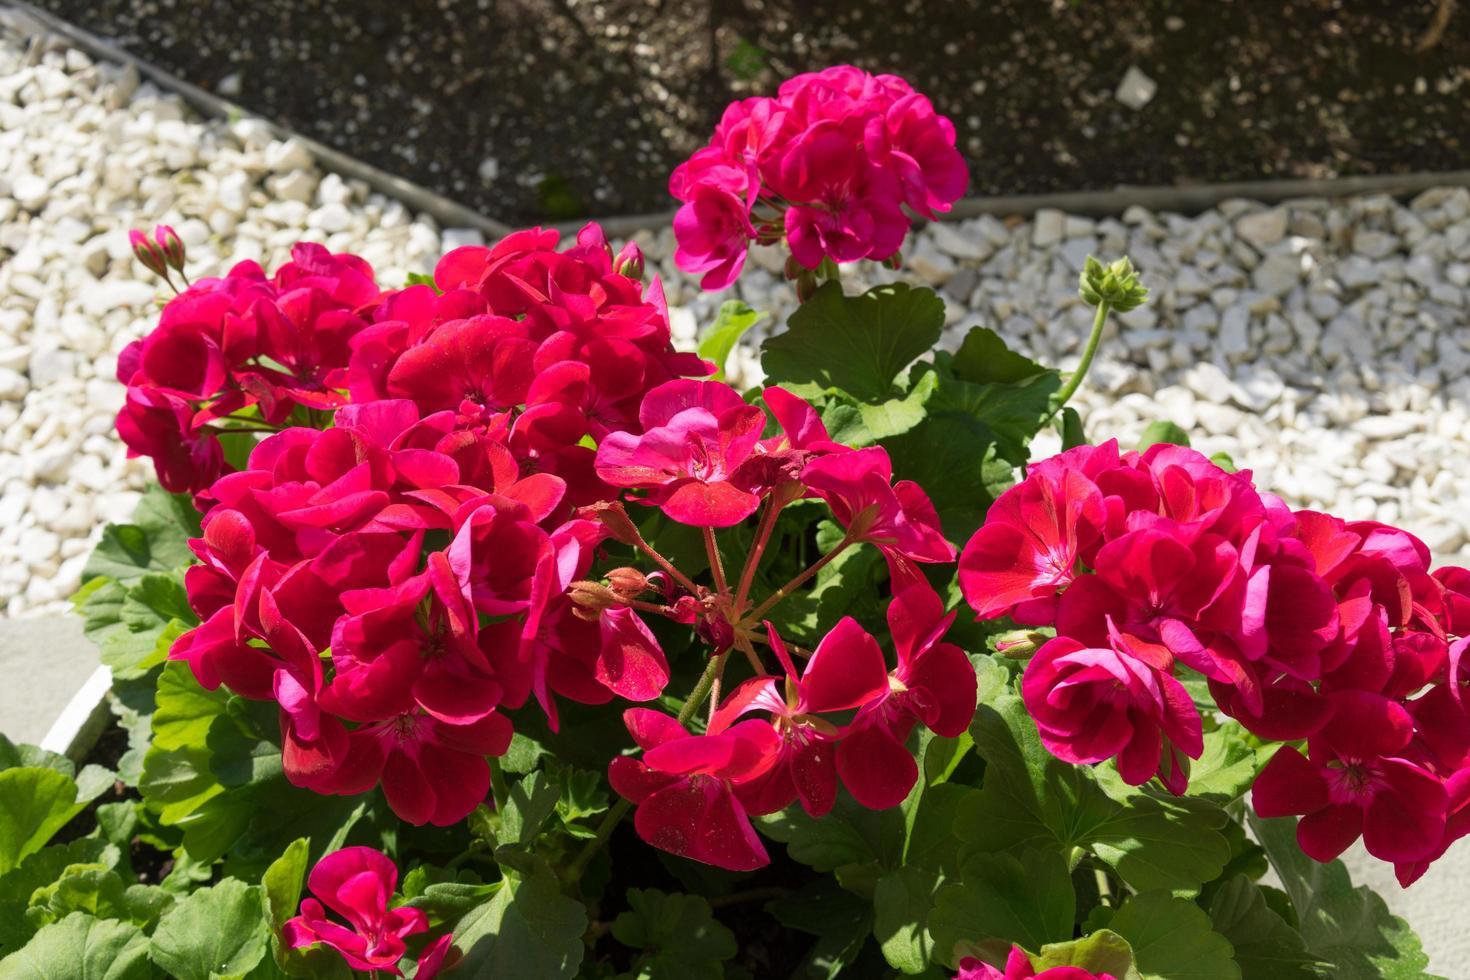 bloemen felroze geranium met groene bladeren. foto